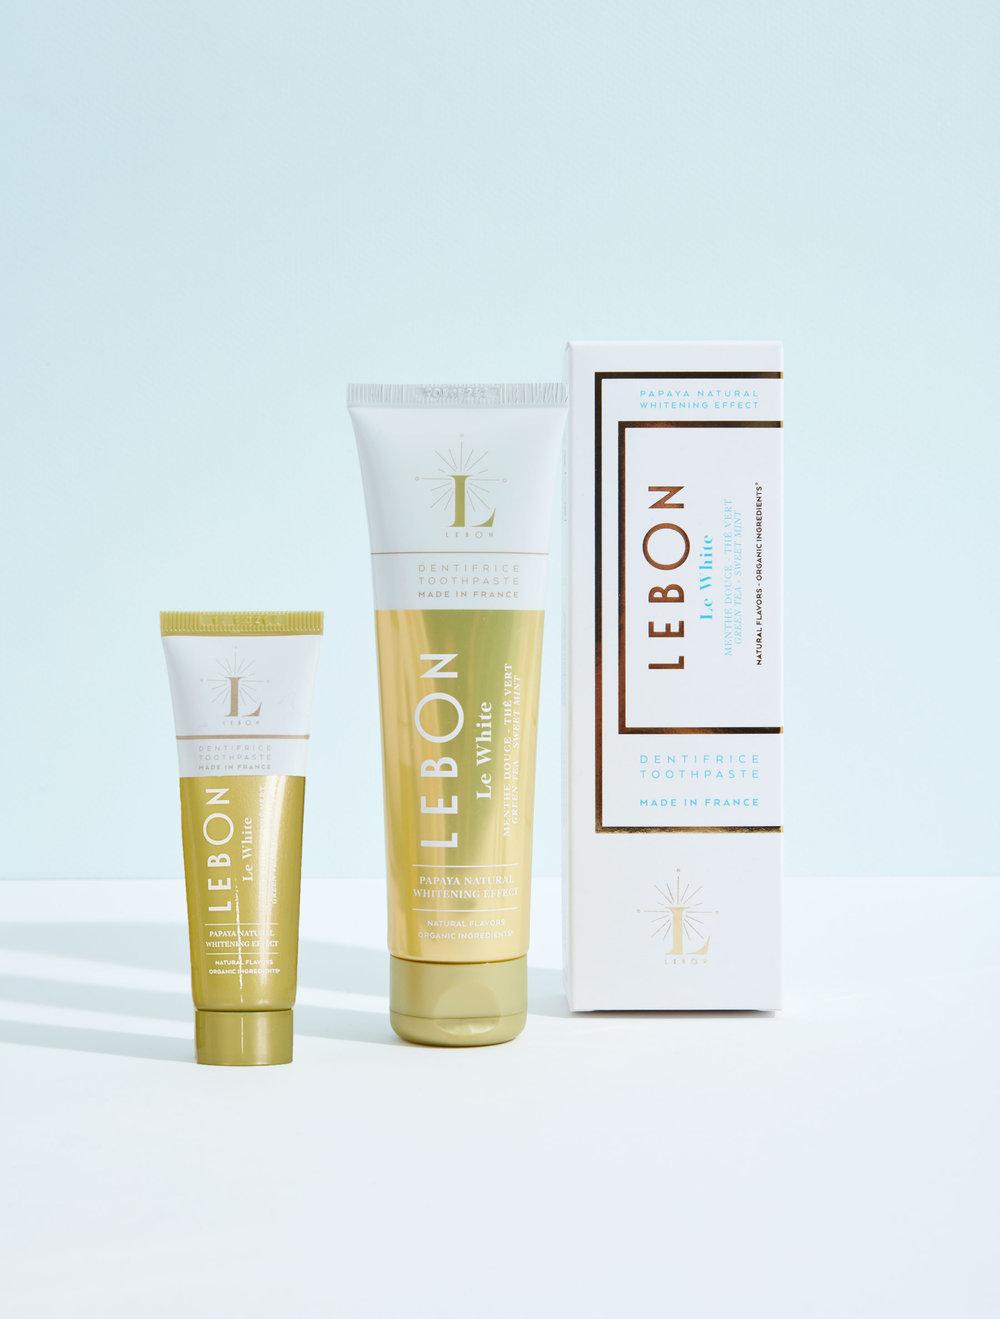 Lebon organic toothpaste - le White